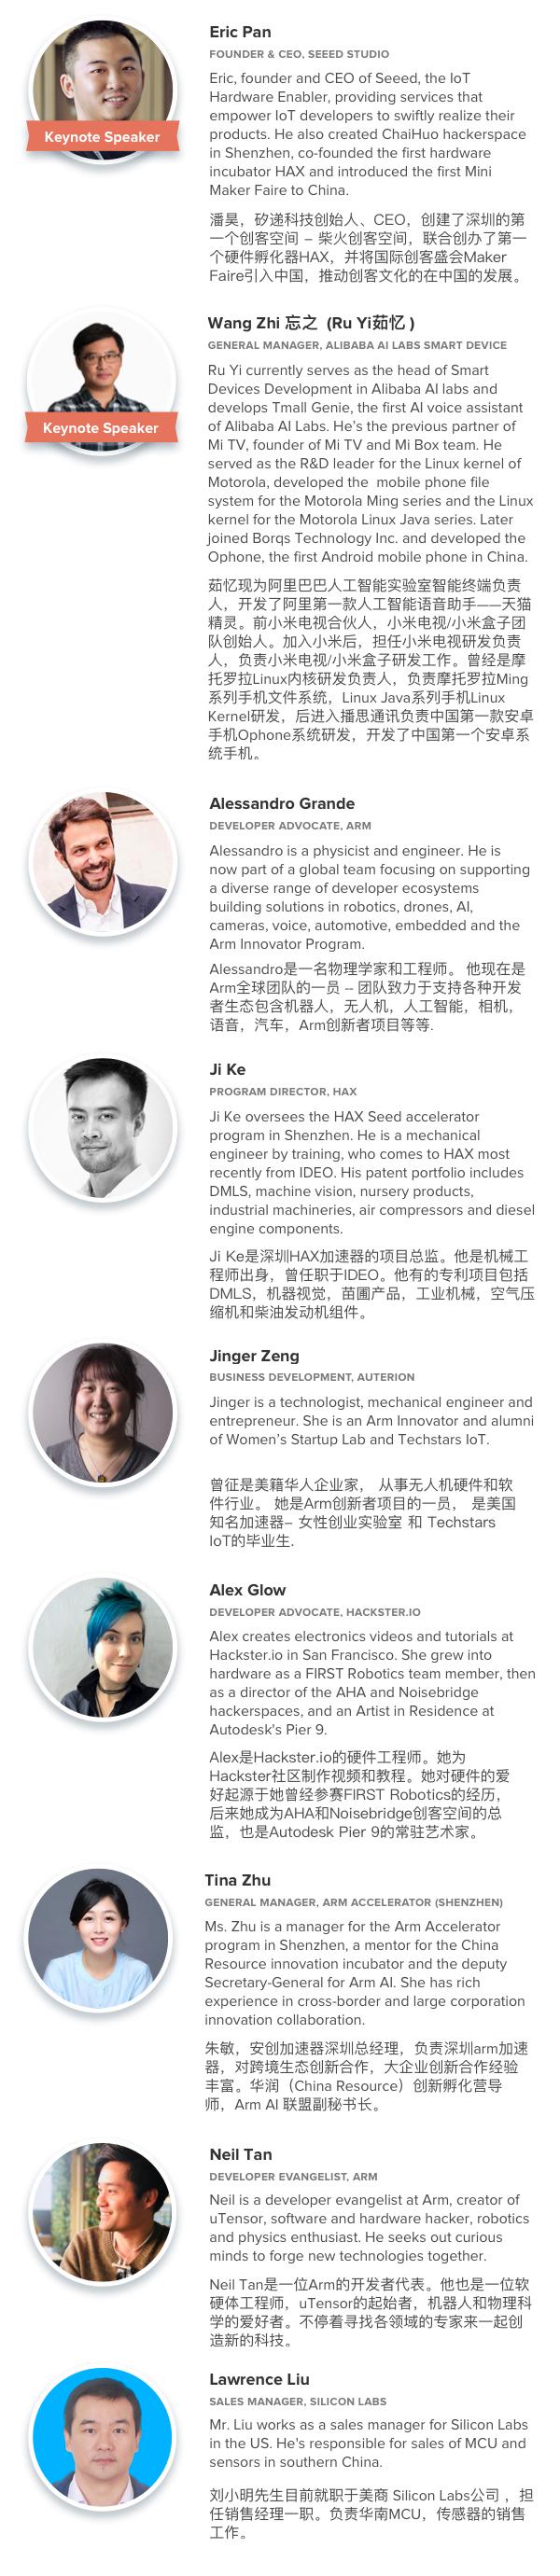 Shenzhen Speakers